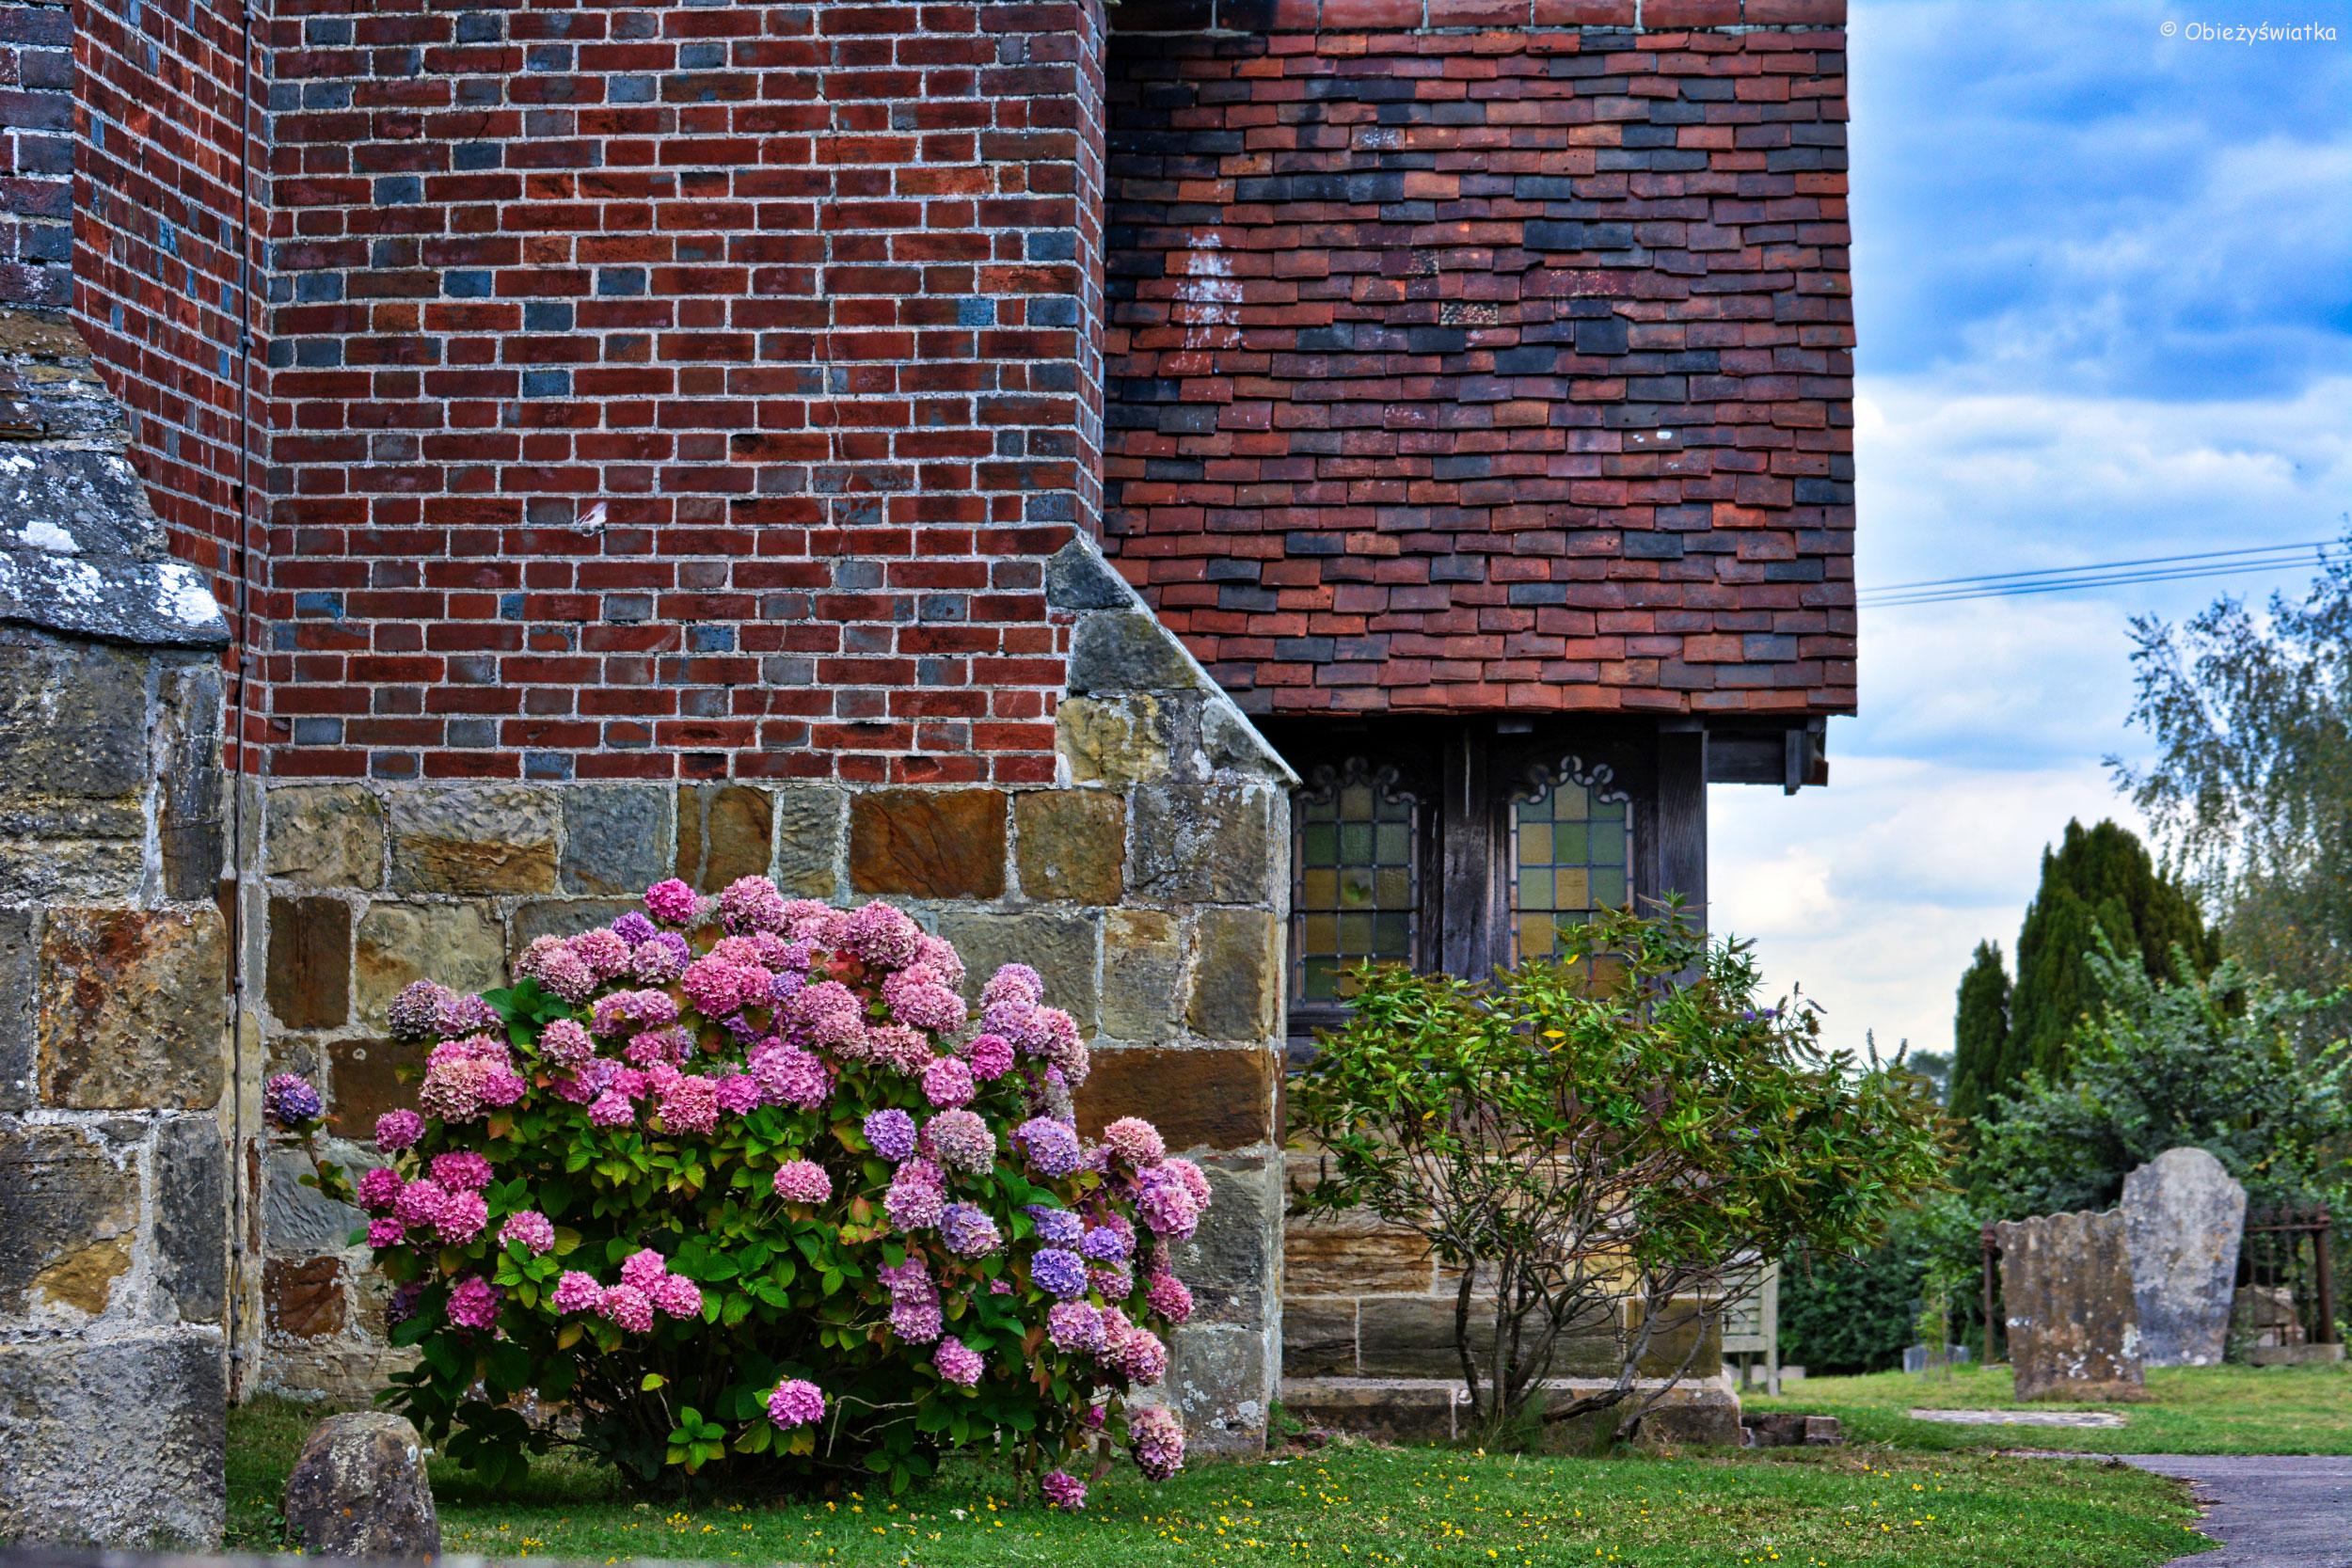 Bujnie kwitnące hortensje wokół kościółka w Tudeley, Wielka Brytania